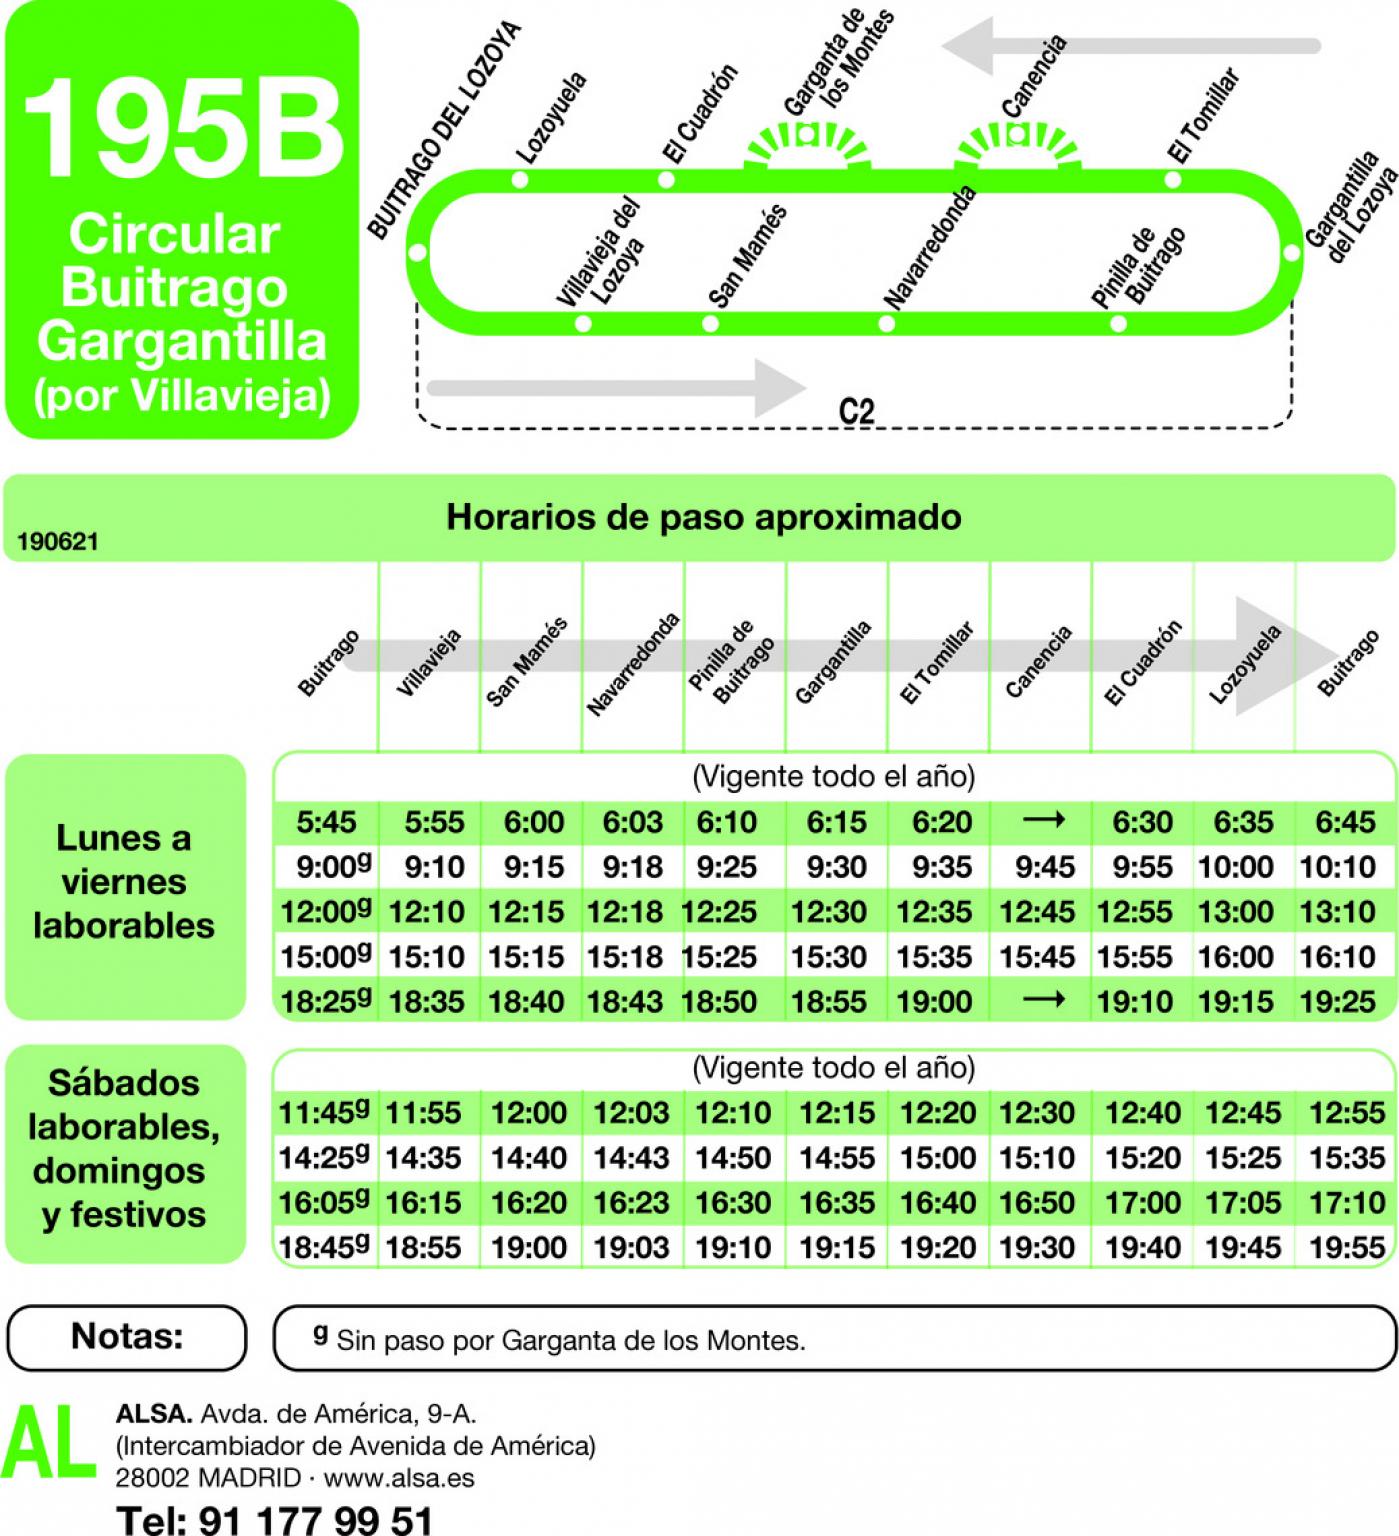 Tabla de horarios y frecuencias de paso en sentido ida Línea 195-B: Buitrago - Gargantilla